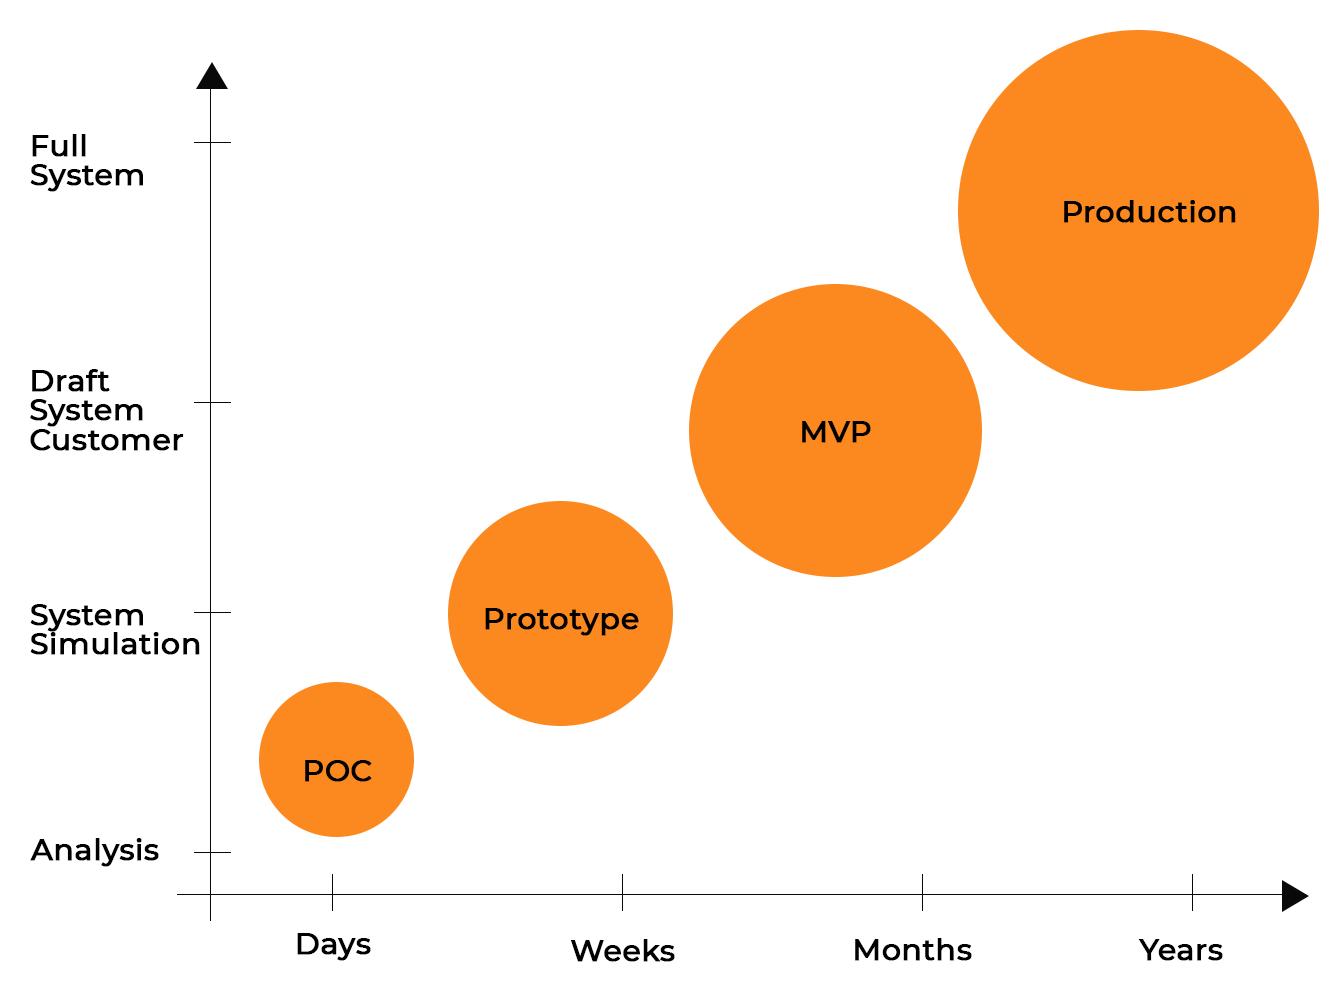 MVP, prototype, and POC lifecycle